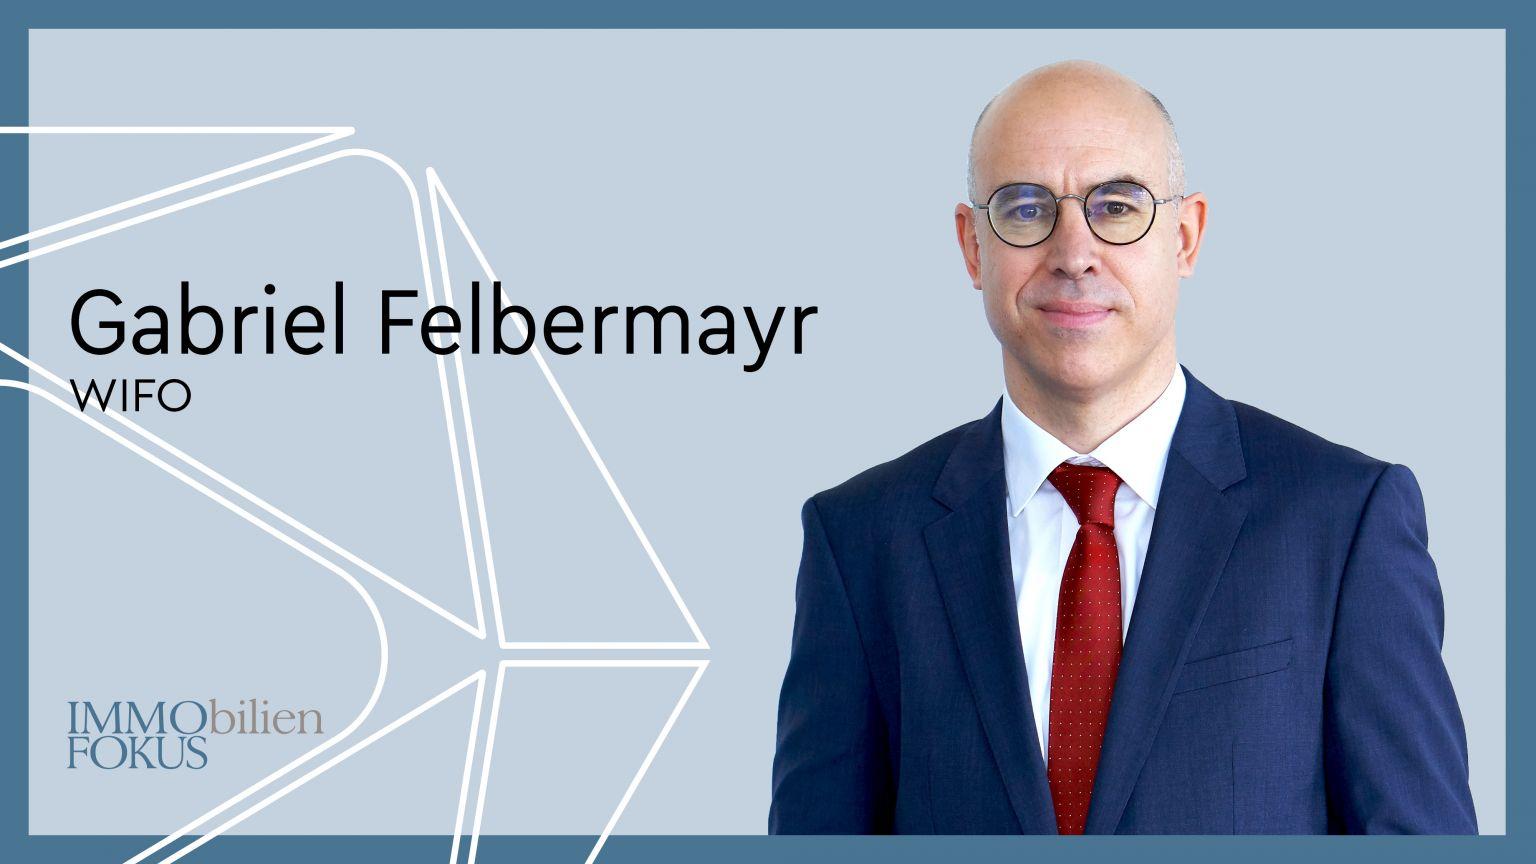 Gabriel Felbermayr ist ab 1. Oktober 2021 neuer  WIFO-Leiter